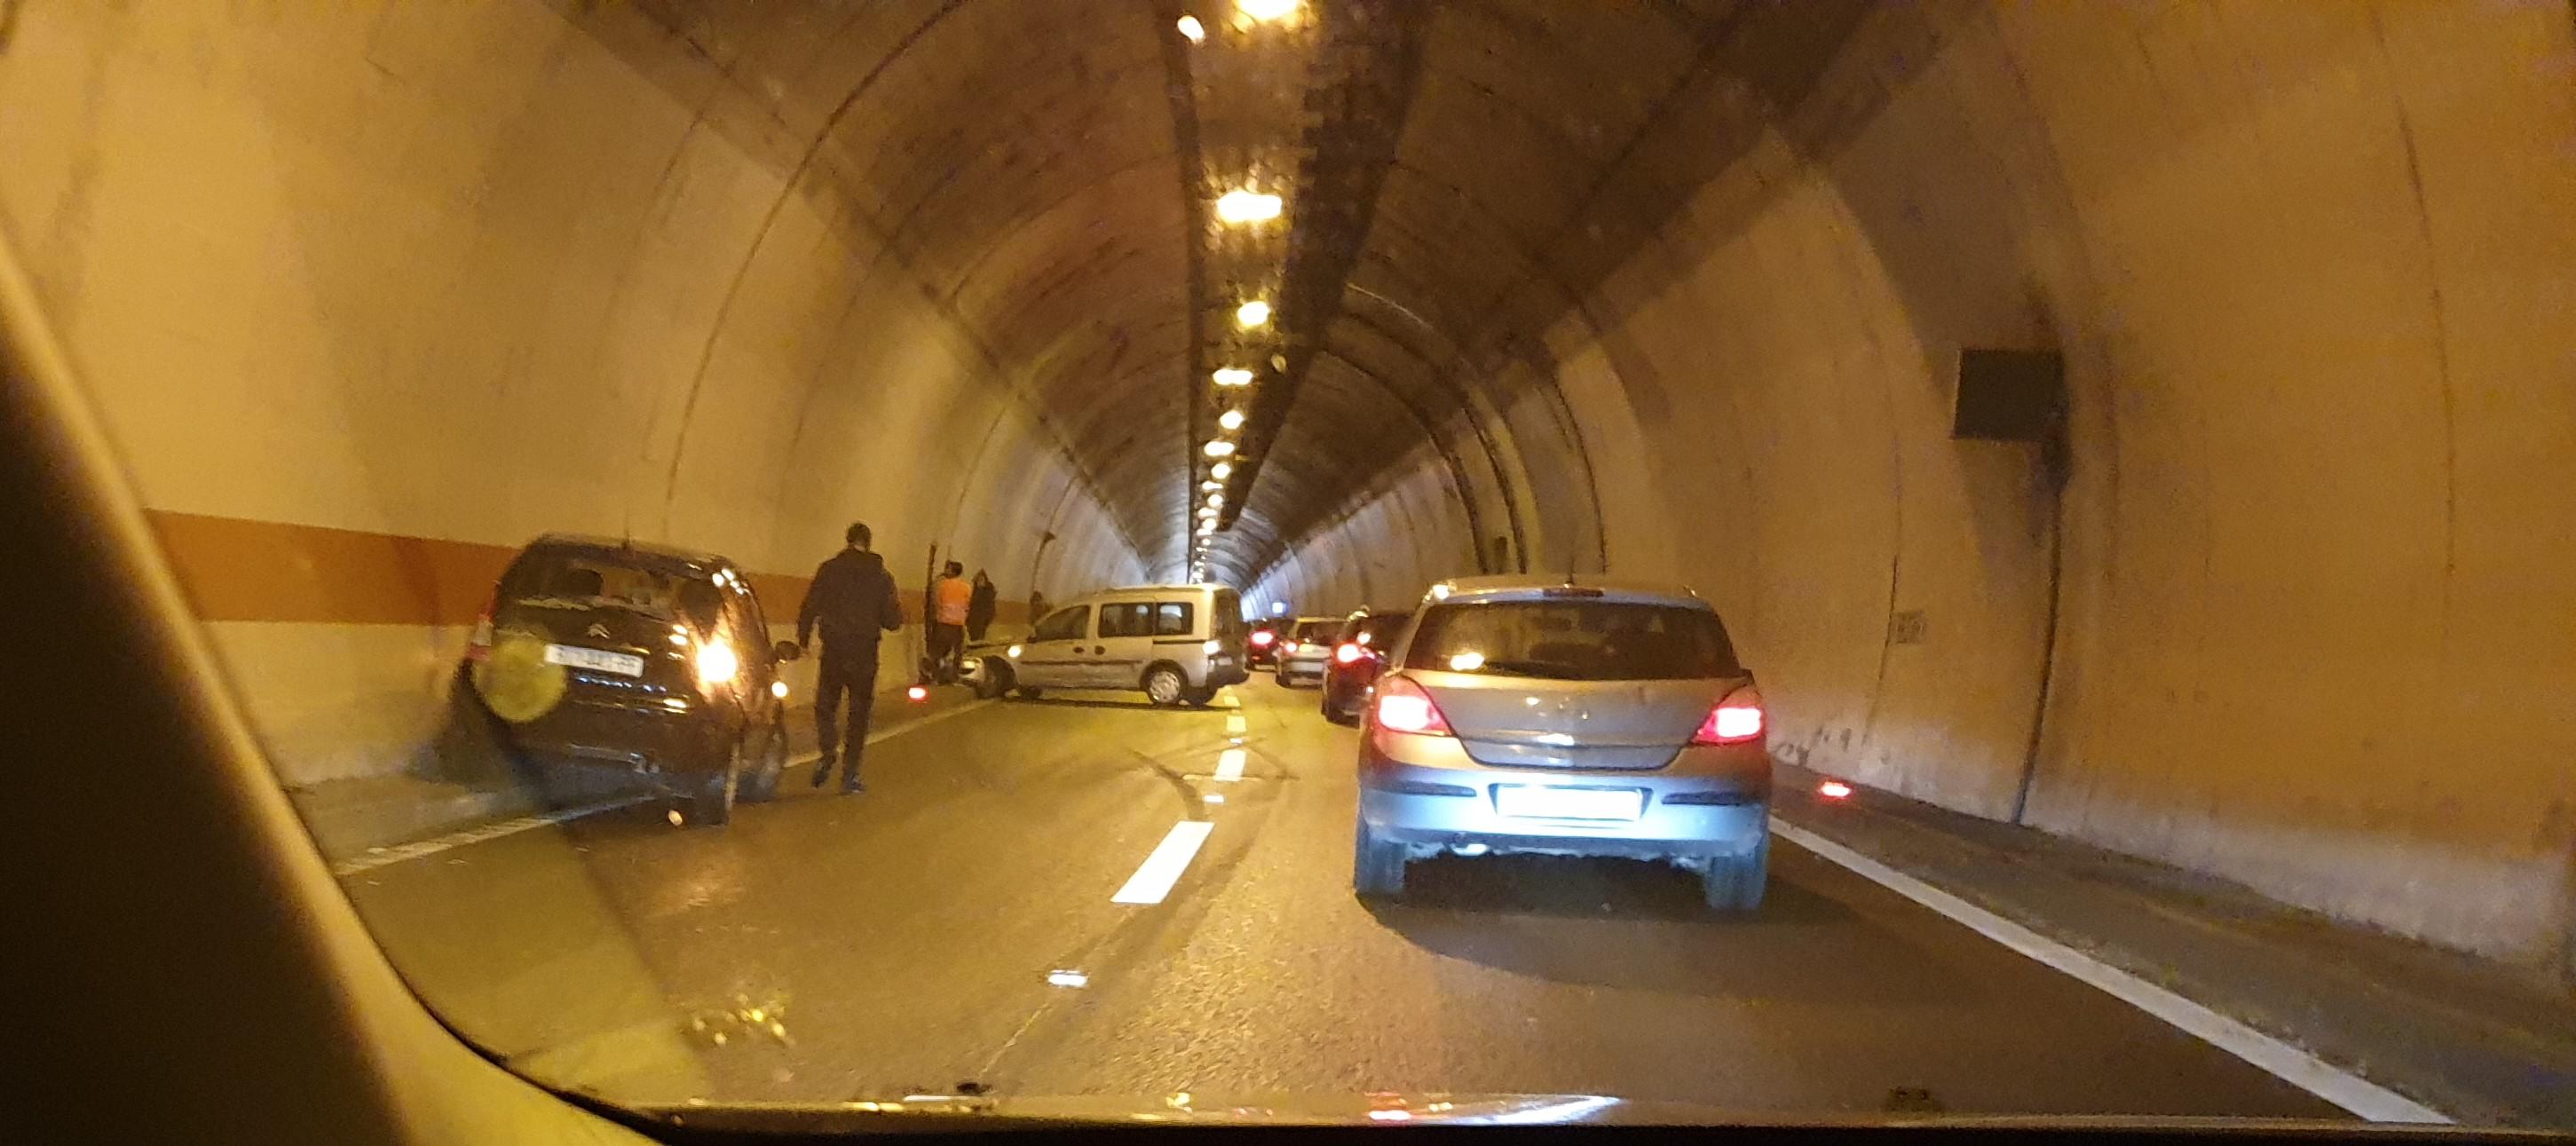 Nesreća u tunelu Škurinje / Snimio Dražen HERLJEVIĆ